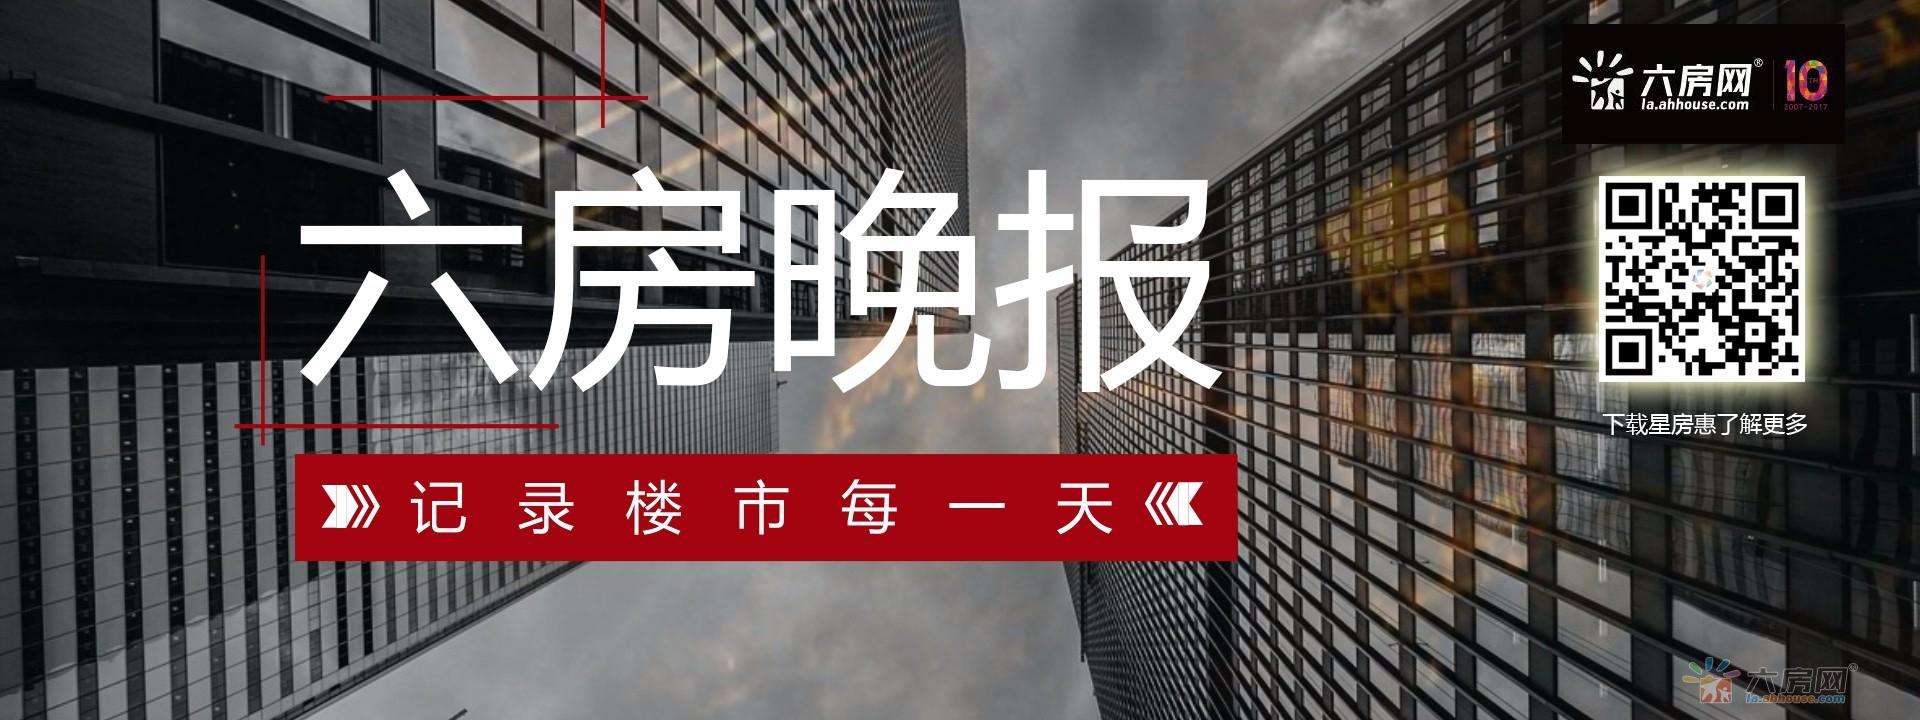 11月16日六房网晚报:六安市打击投机炒房防泡沫